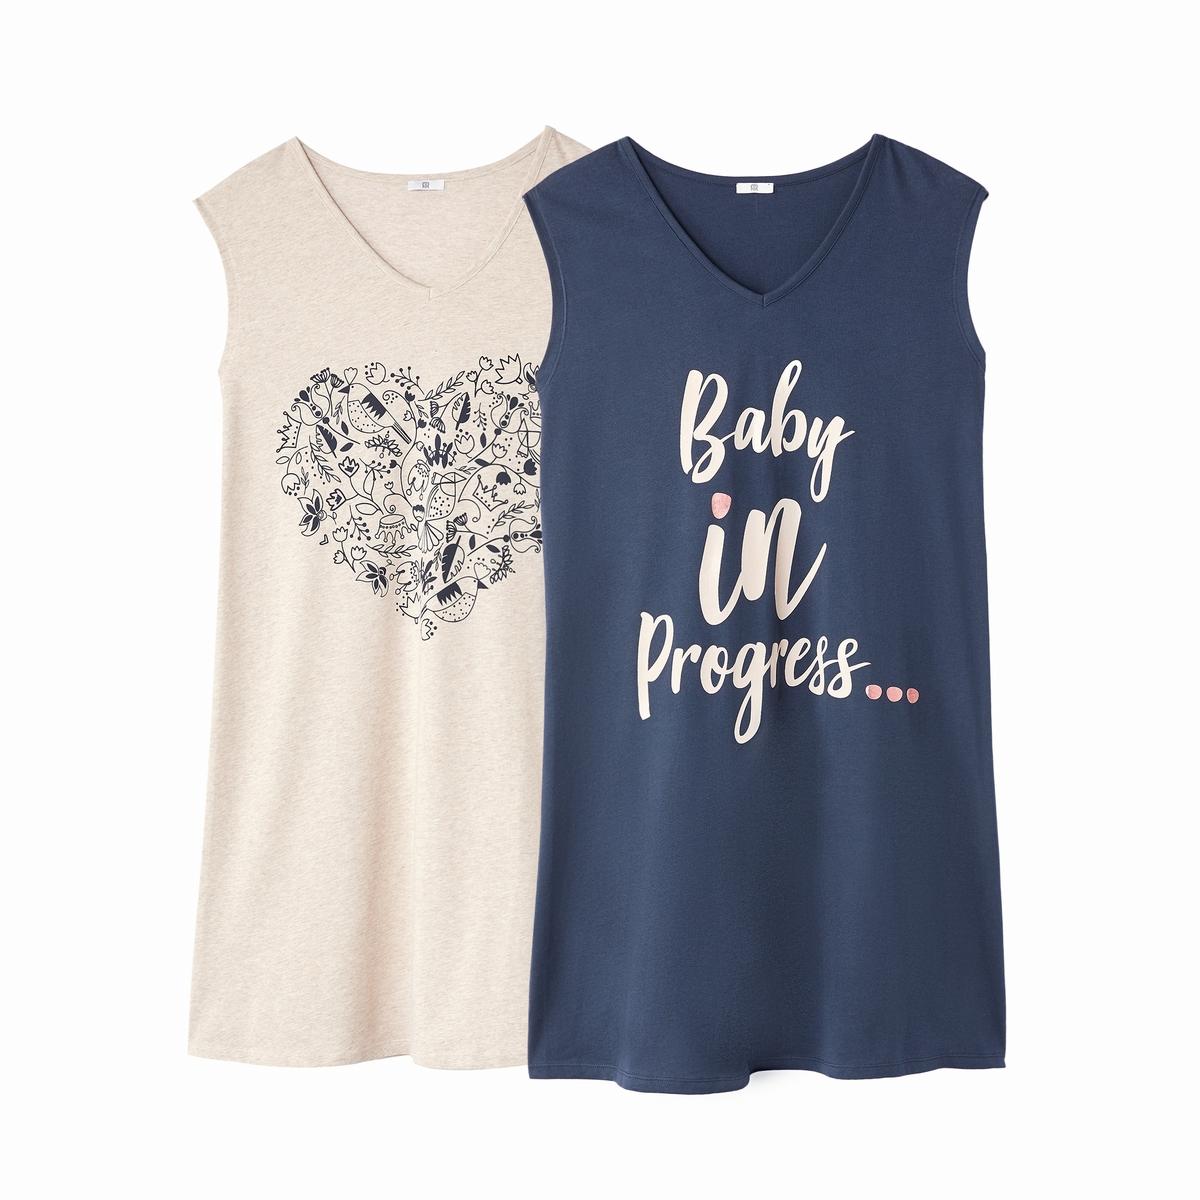 2 футболки для периода беременности рубашки футболки для детей